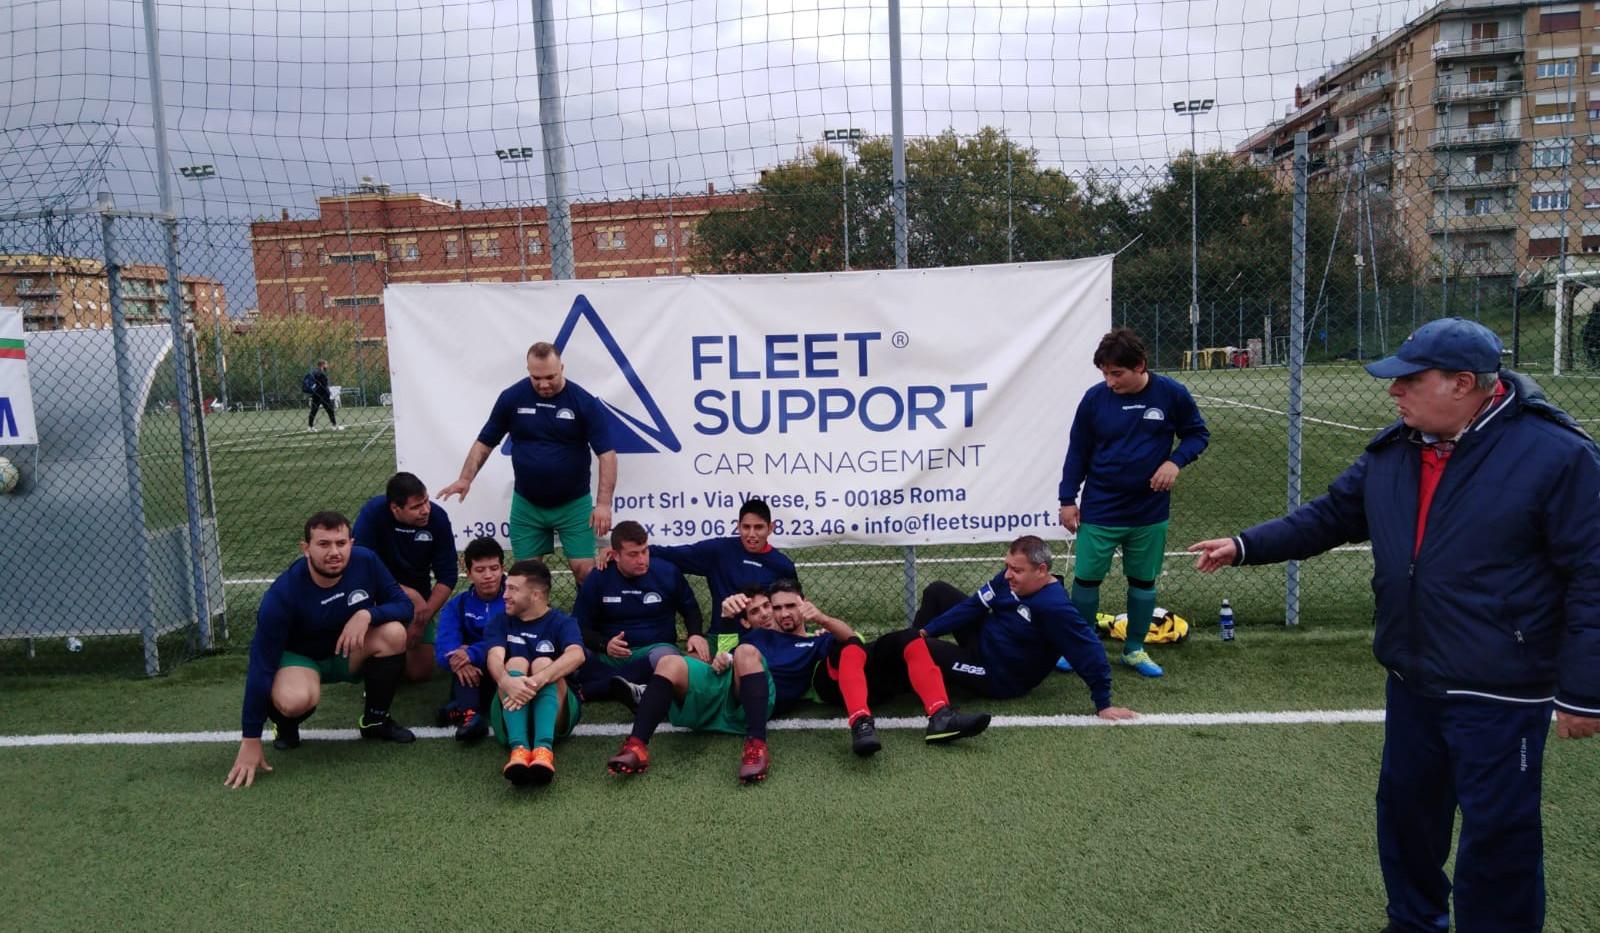 centocellefc torneo fleet support 15.jpe